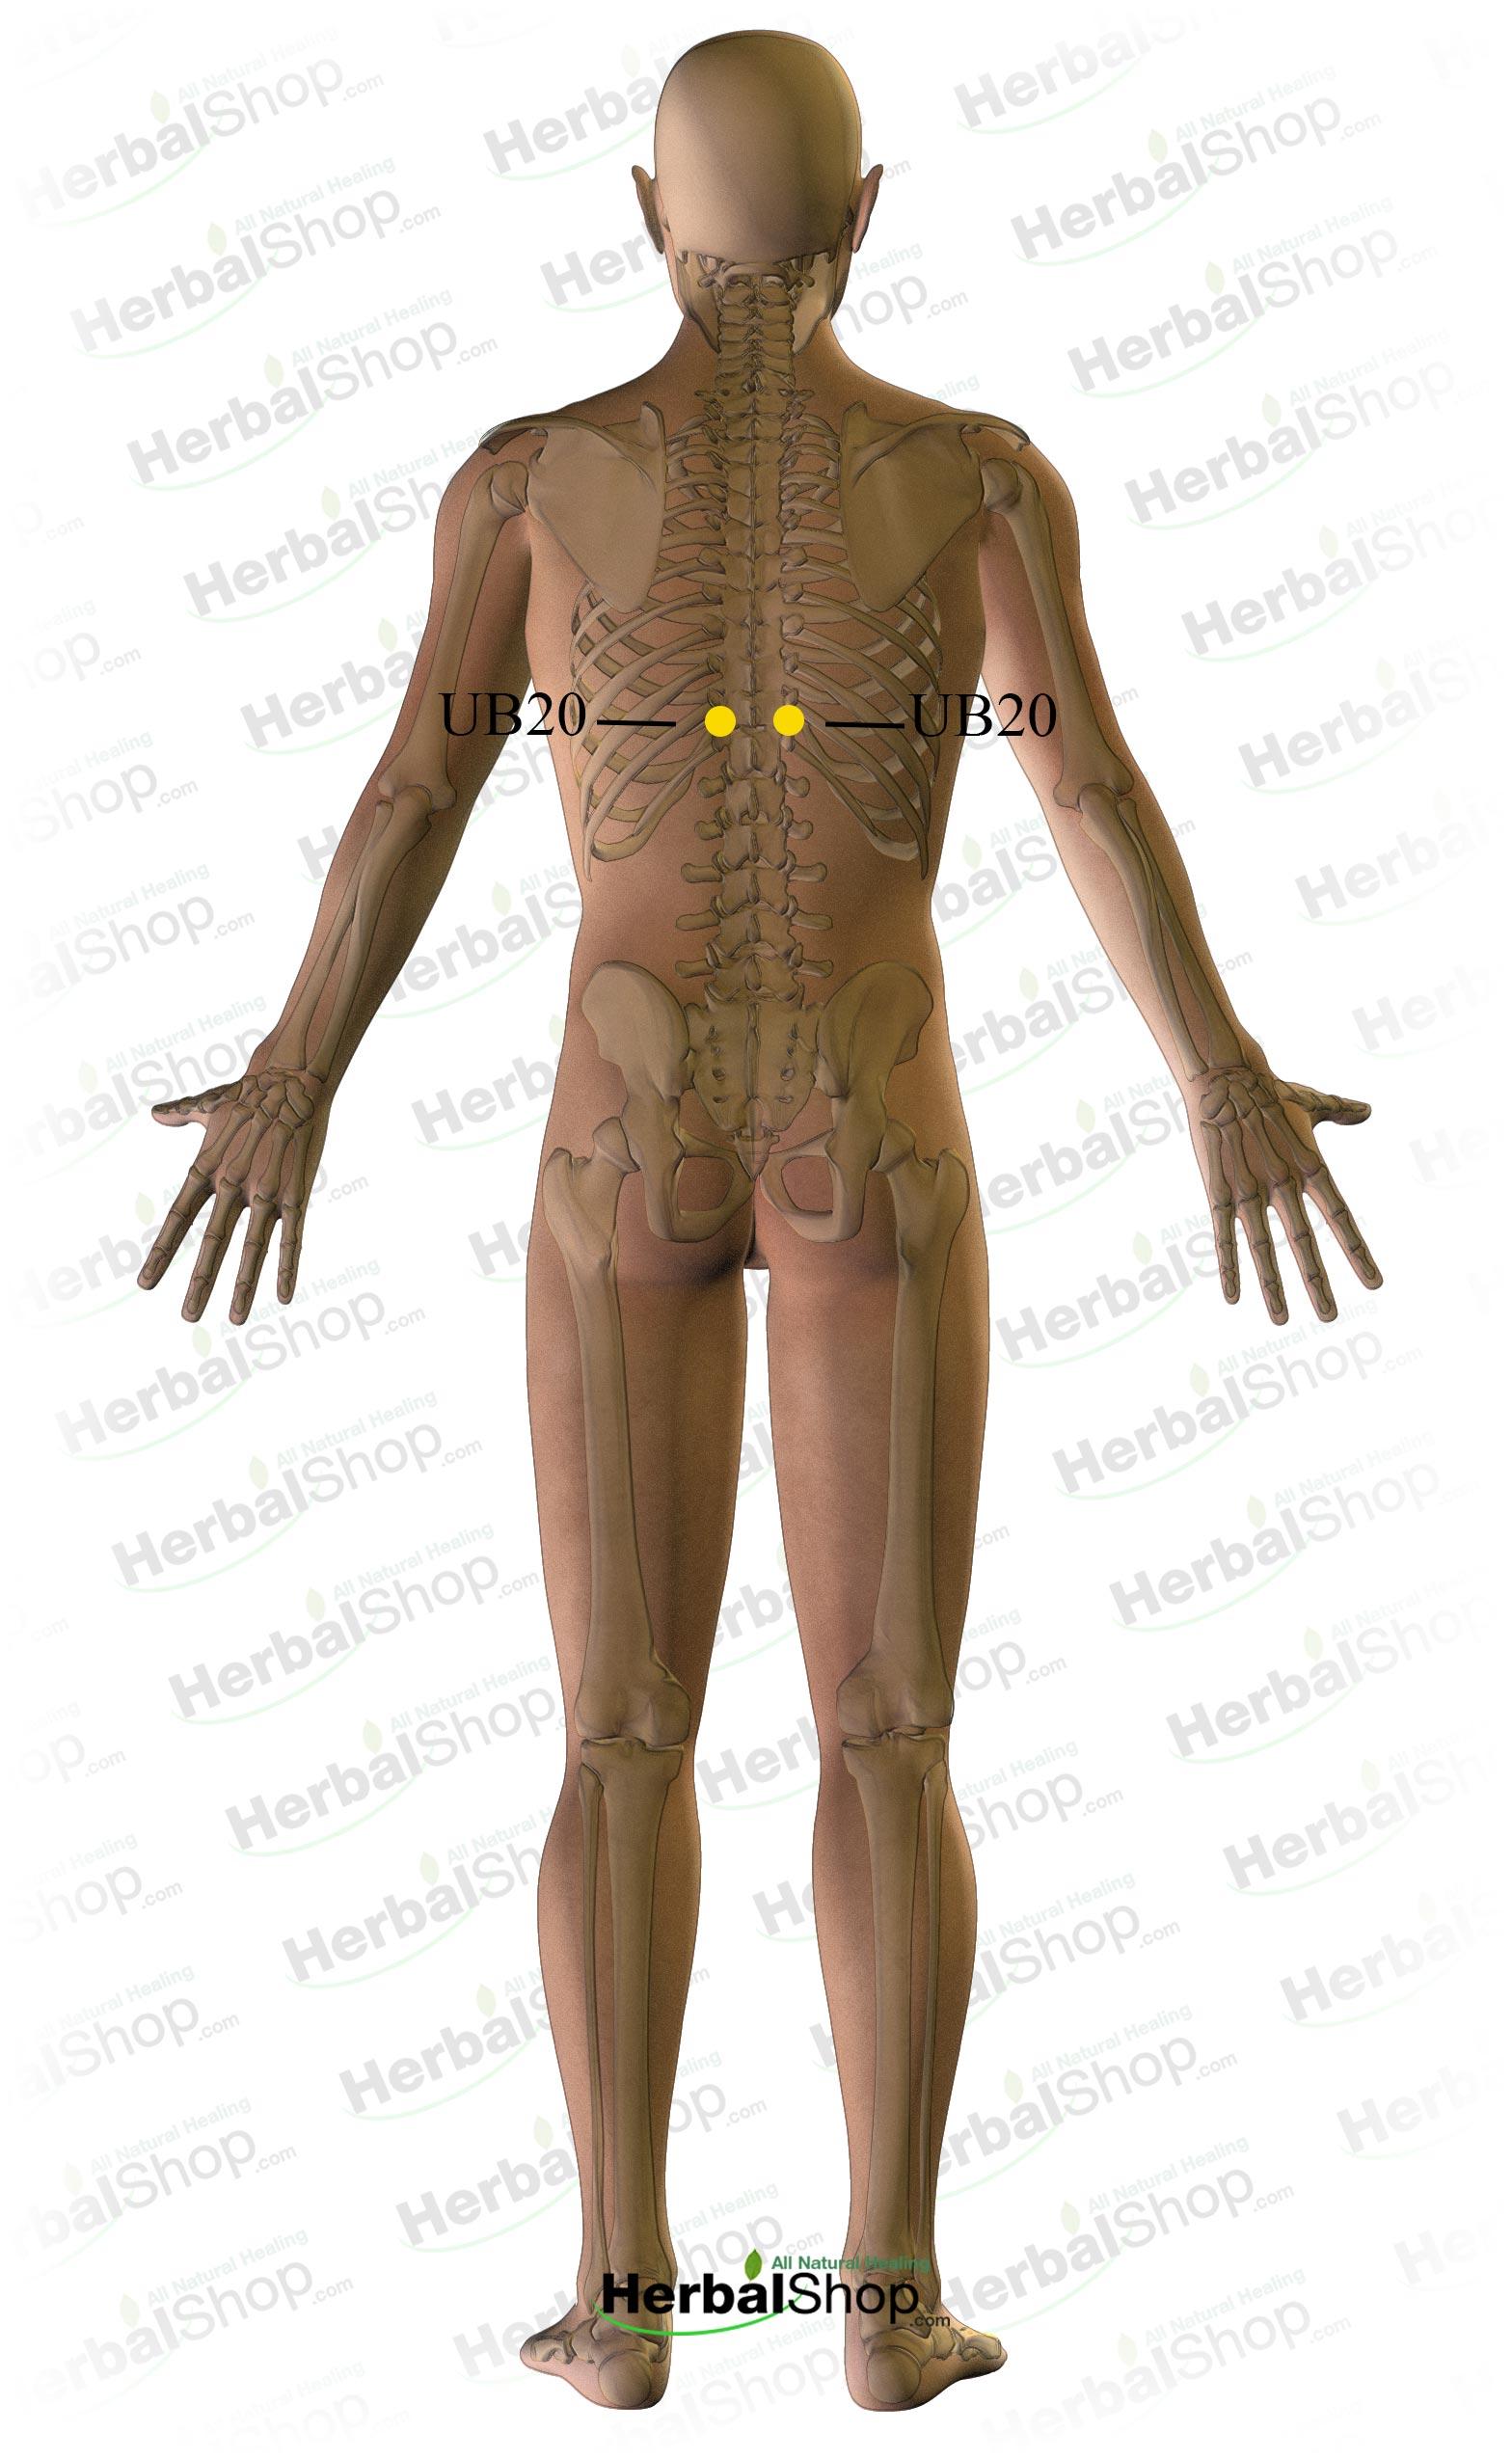 Backache - Middle